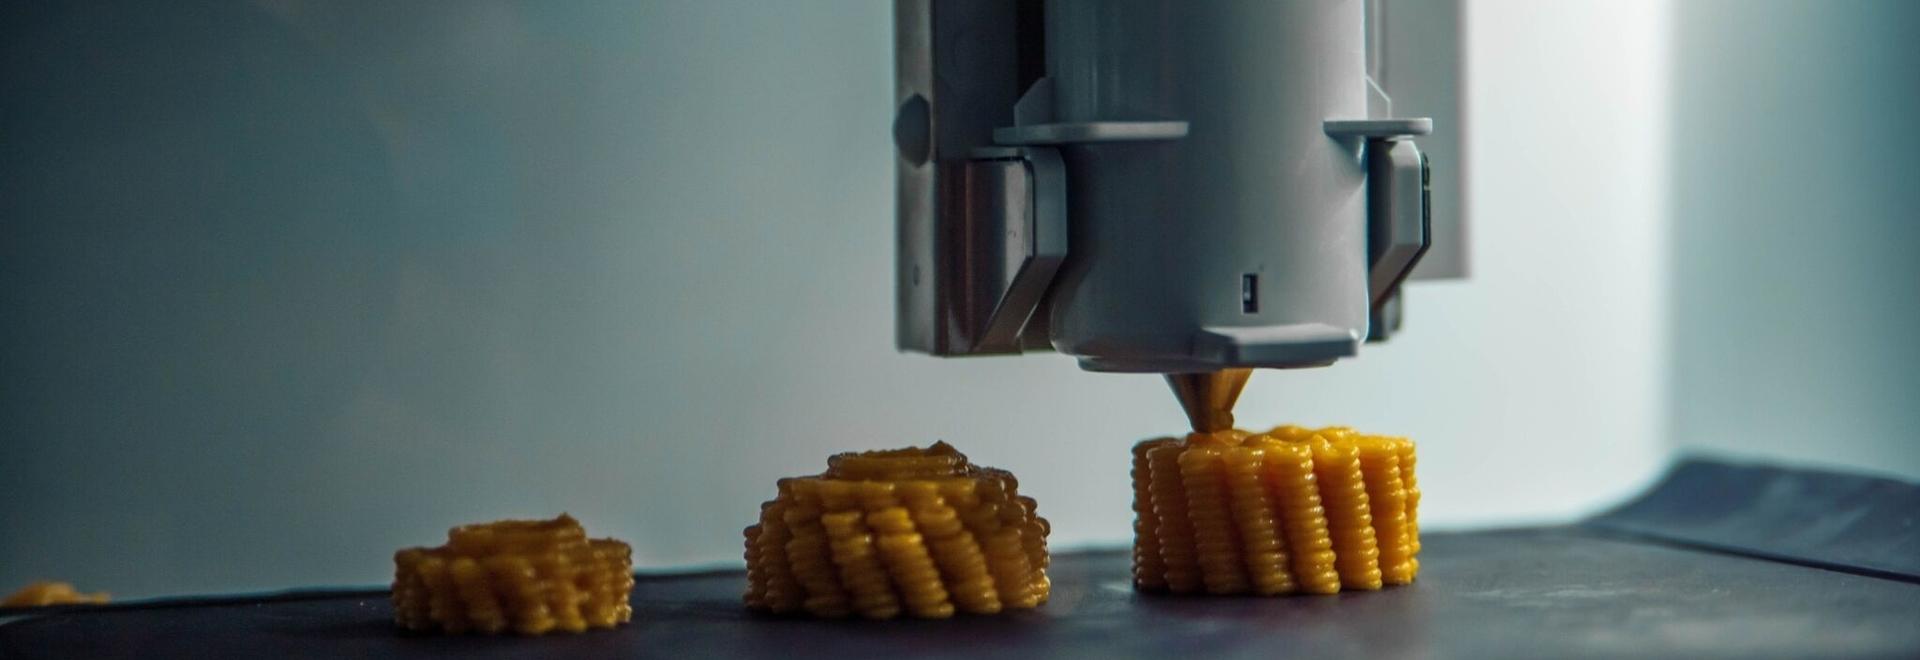 Die rasante Entwicklung der Technologie hat es Unternehmen ermöglicht, Lebensmittel mit einer Reihe von alternativen Methoden zu produzieren